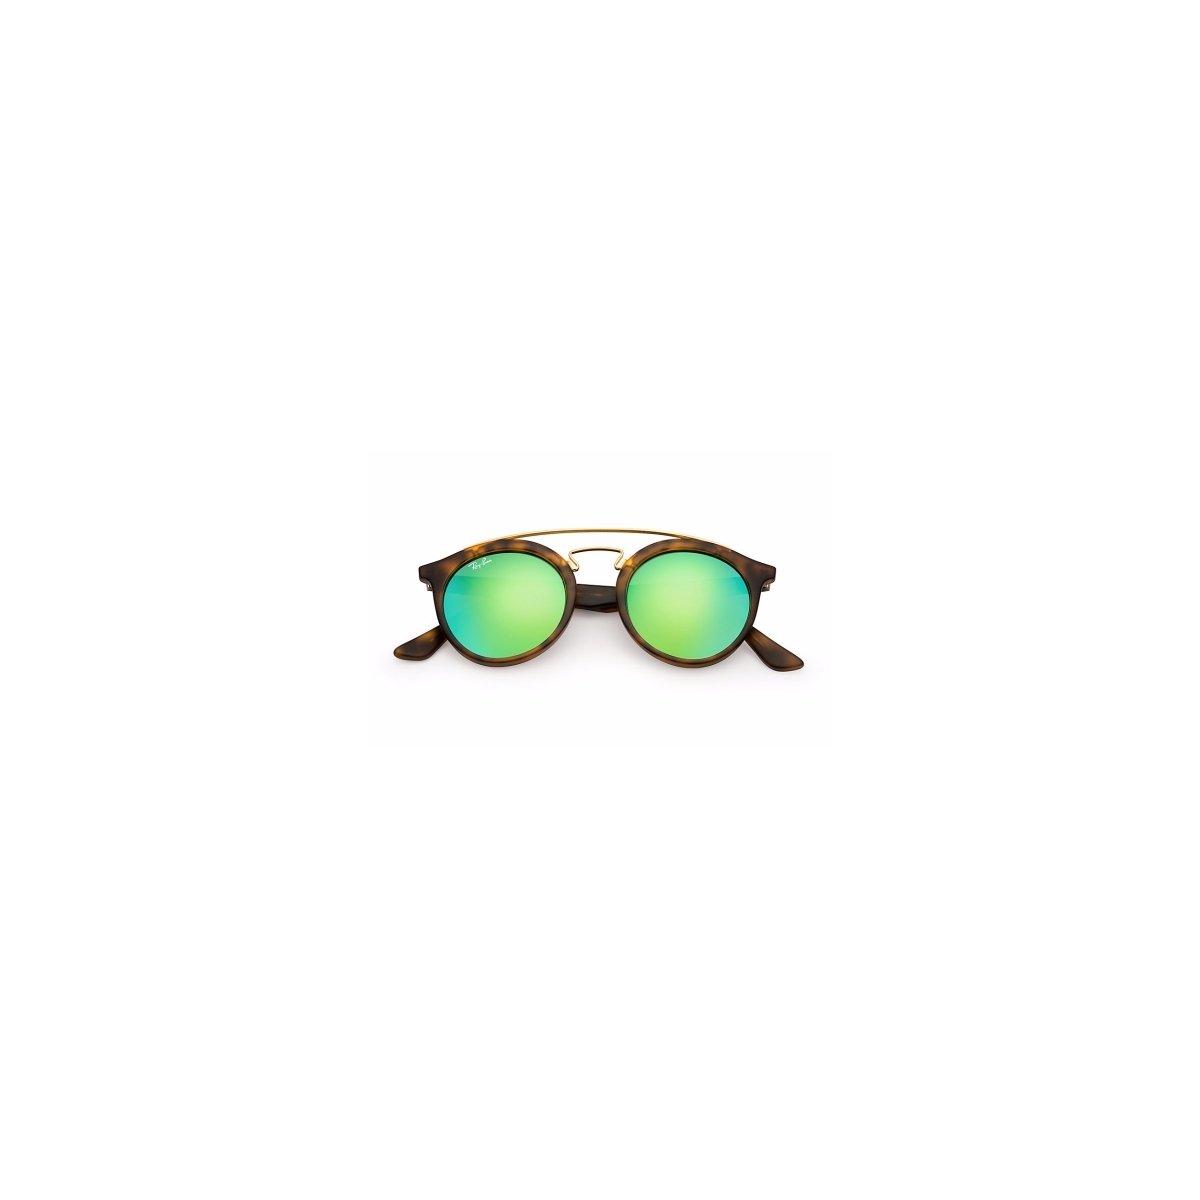 667a4949f0280 Óculos de Sol Ray Ban Gatsby Redondo - Compre Agora